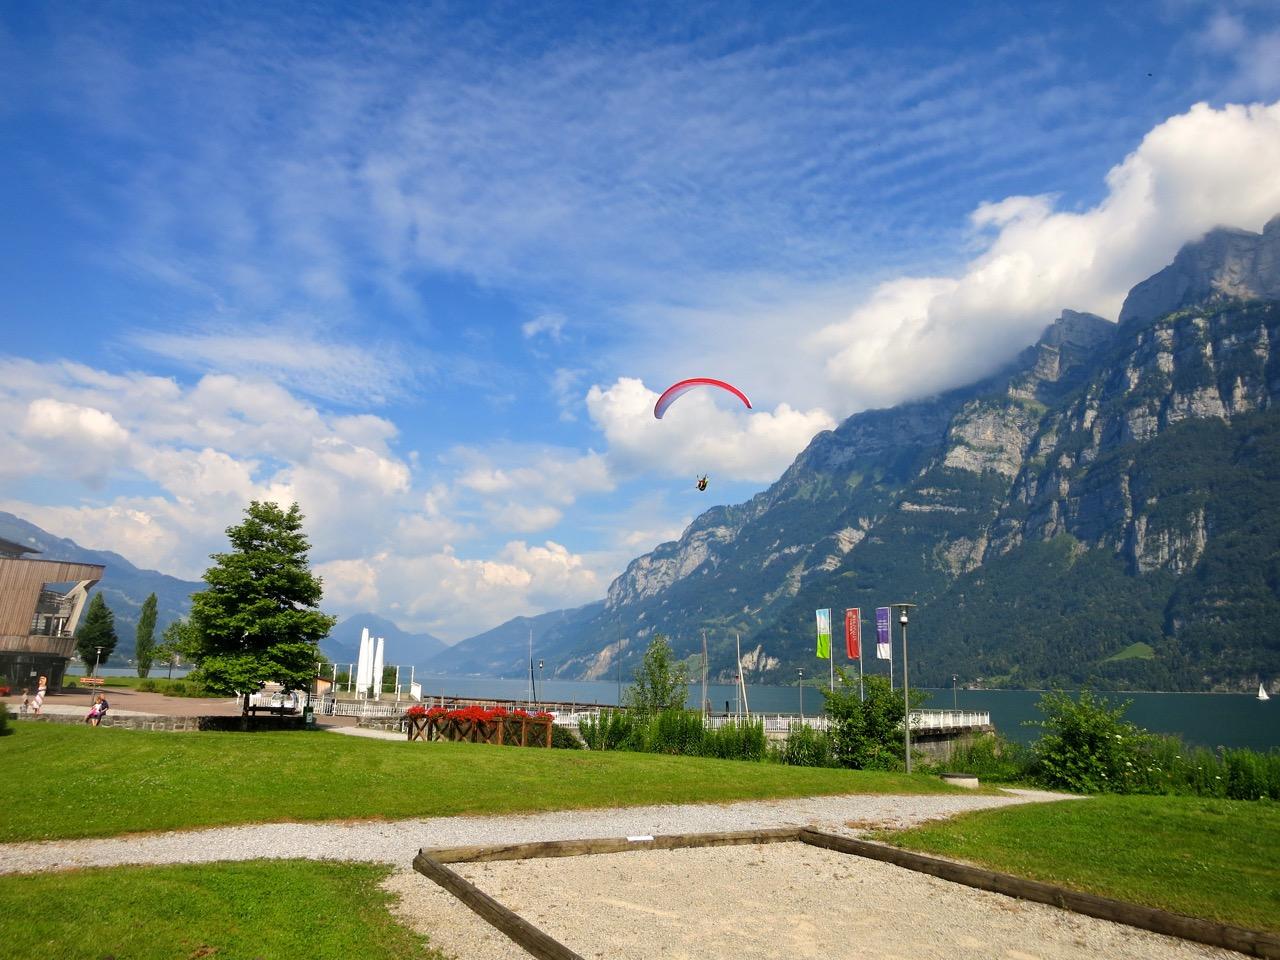 Nach den Turnübungen in der Luft landen die Piloten direkt am See.